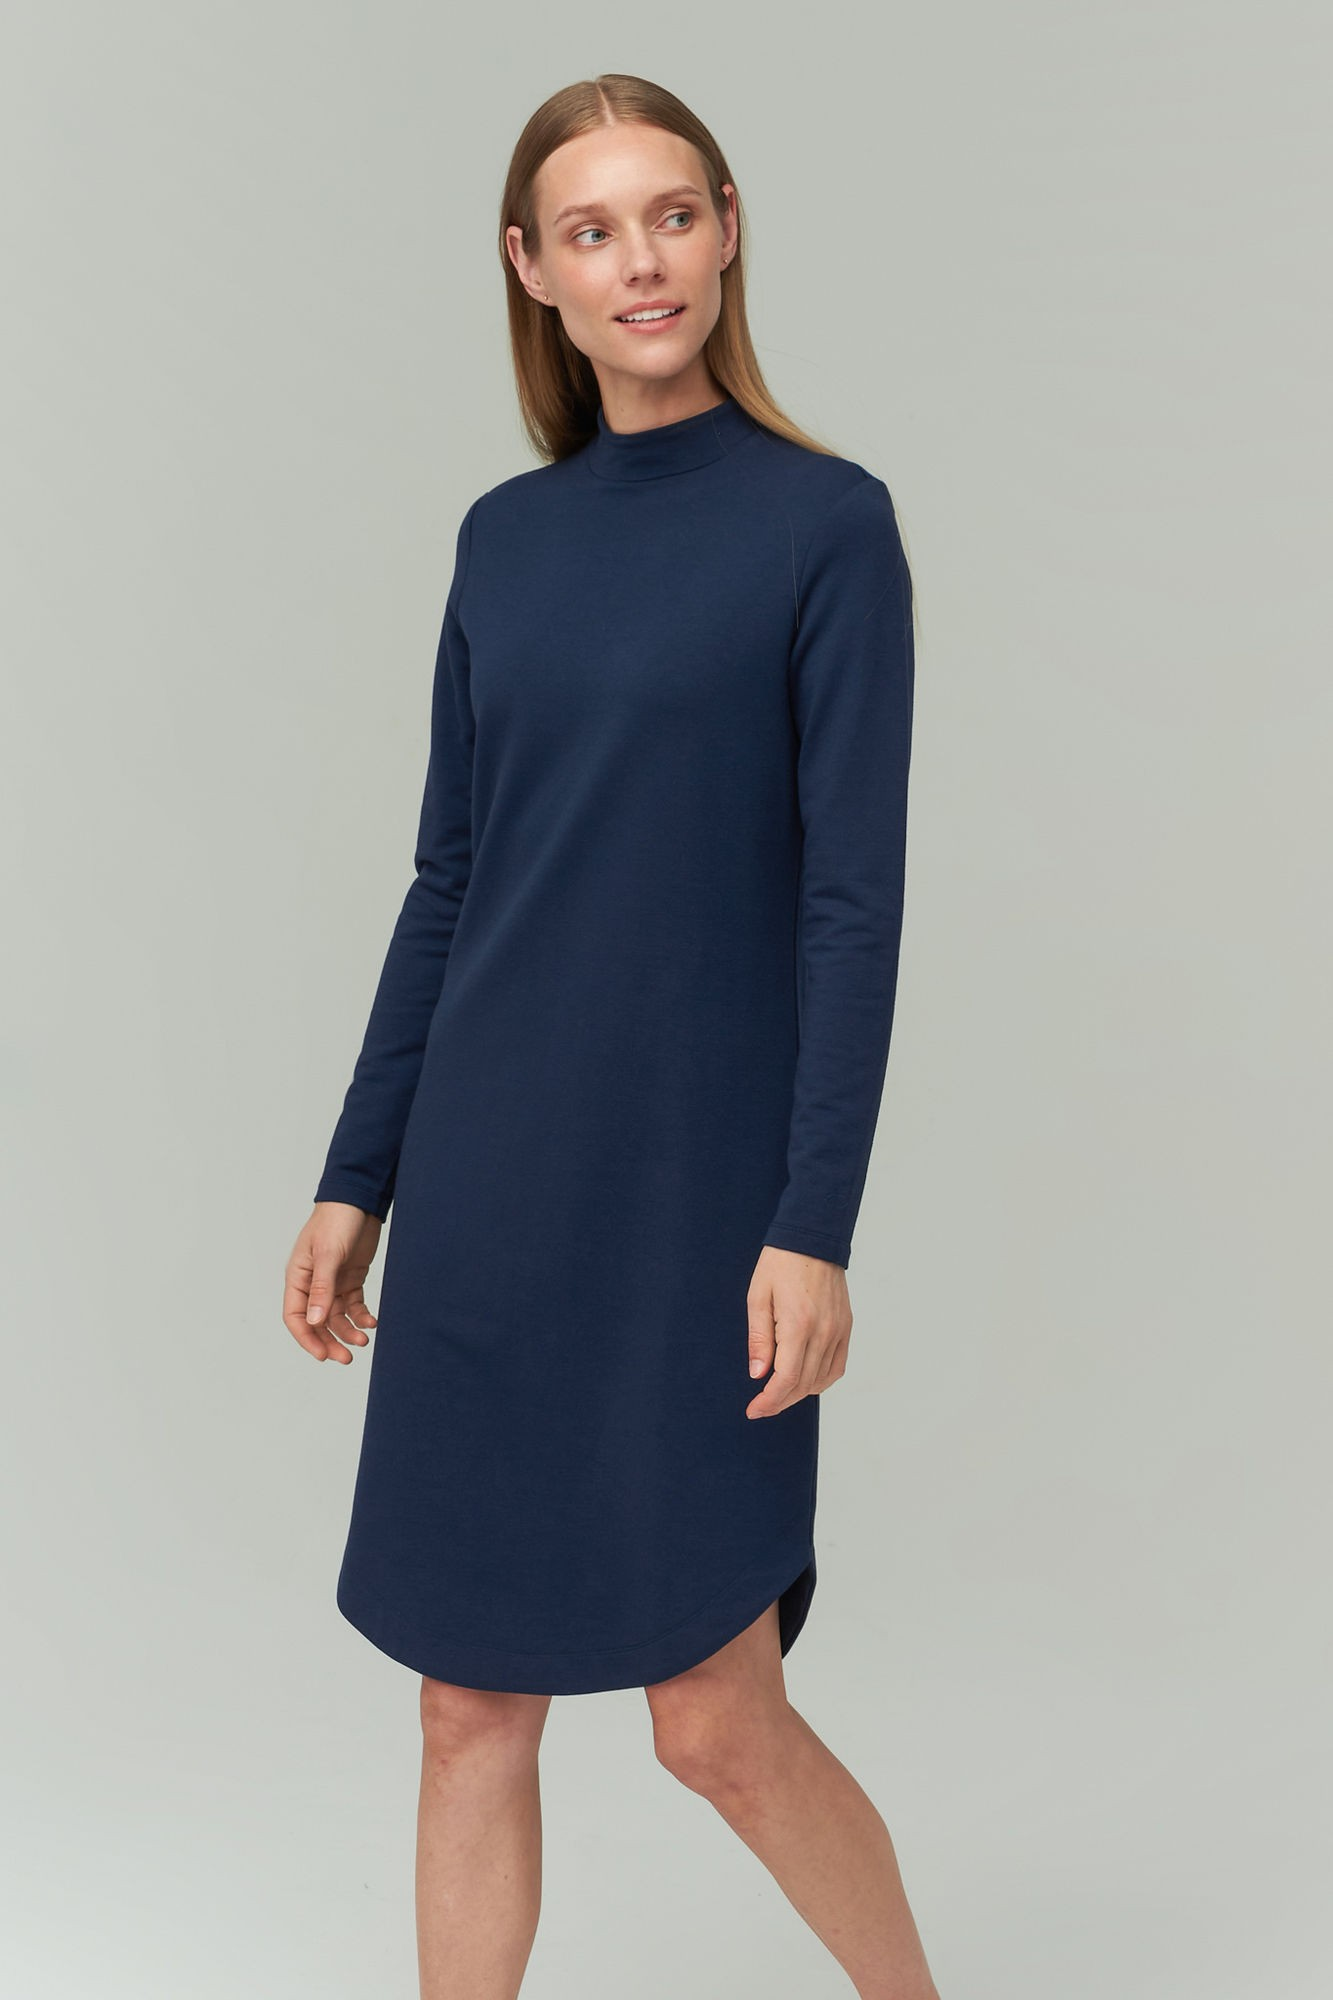 AUDIMAS Švelnaus modalo suknelė 2021-070 Navy Blazer XS